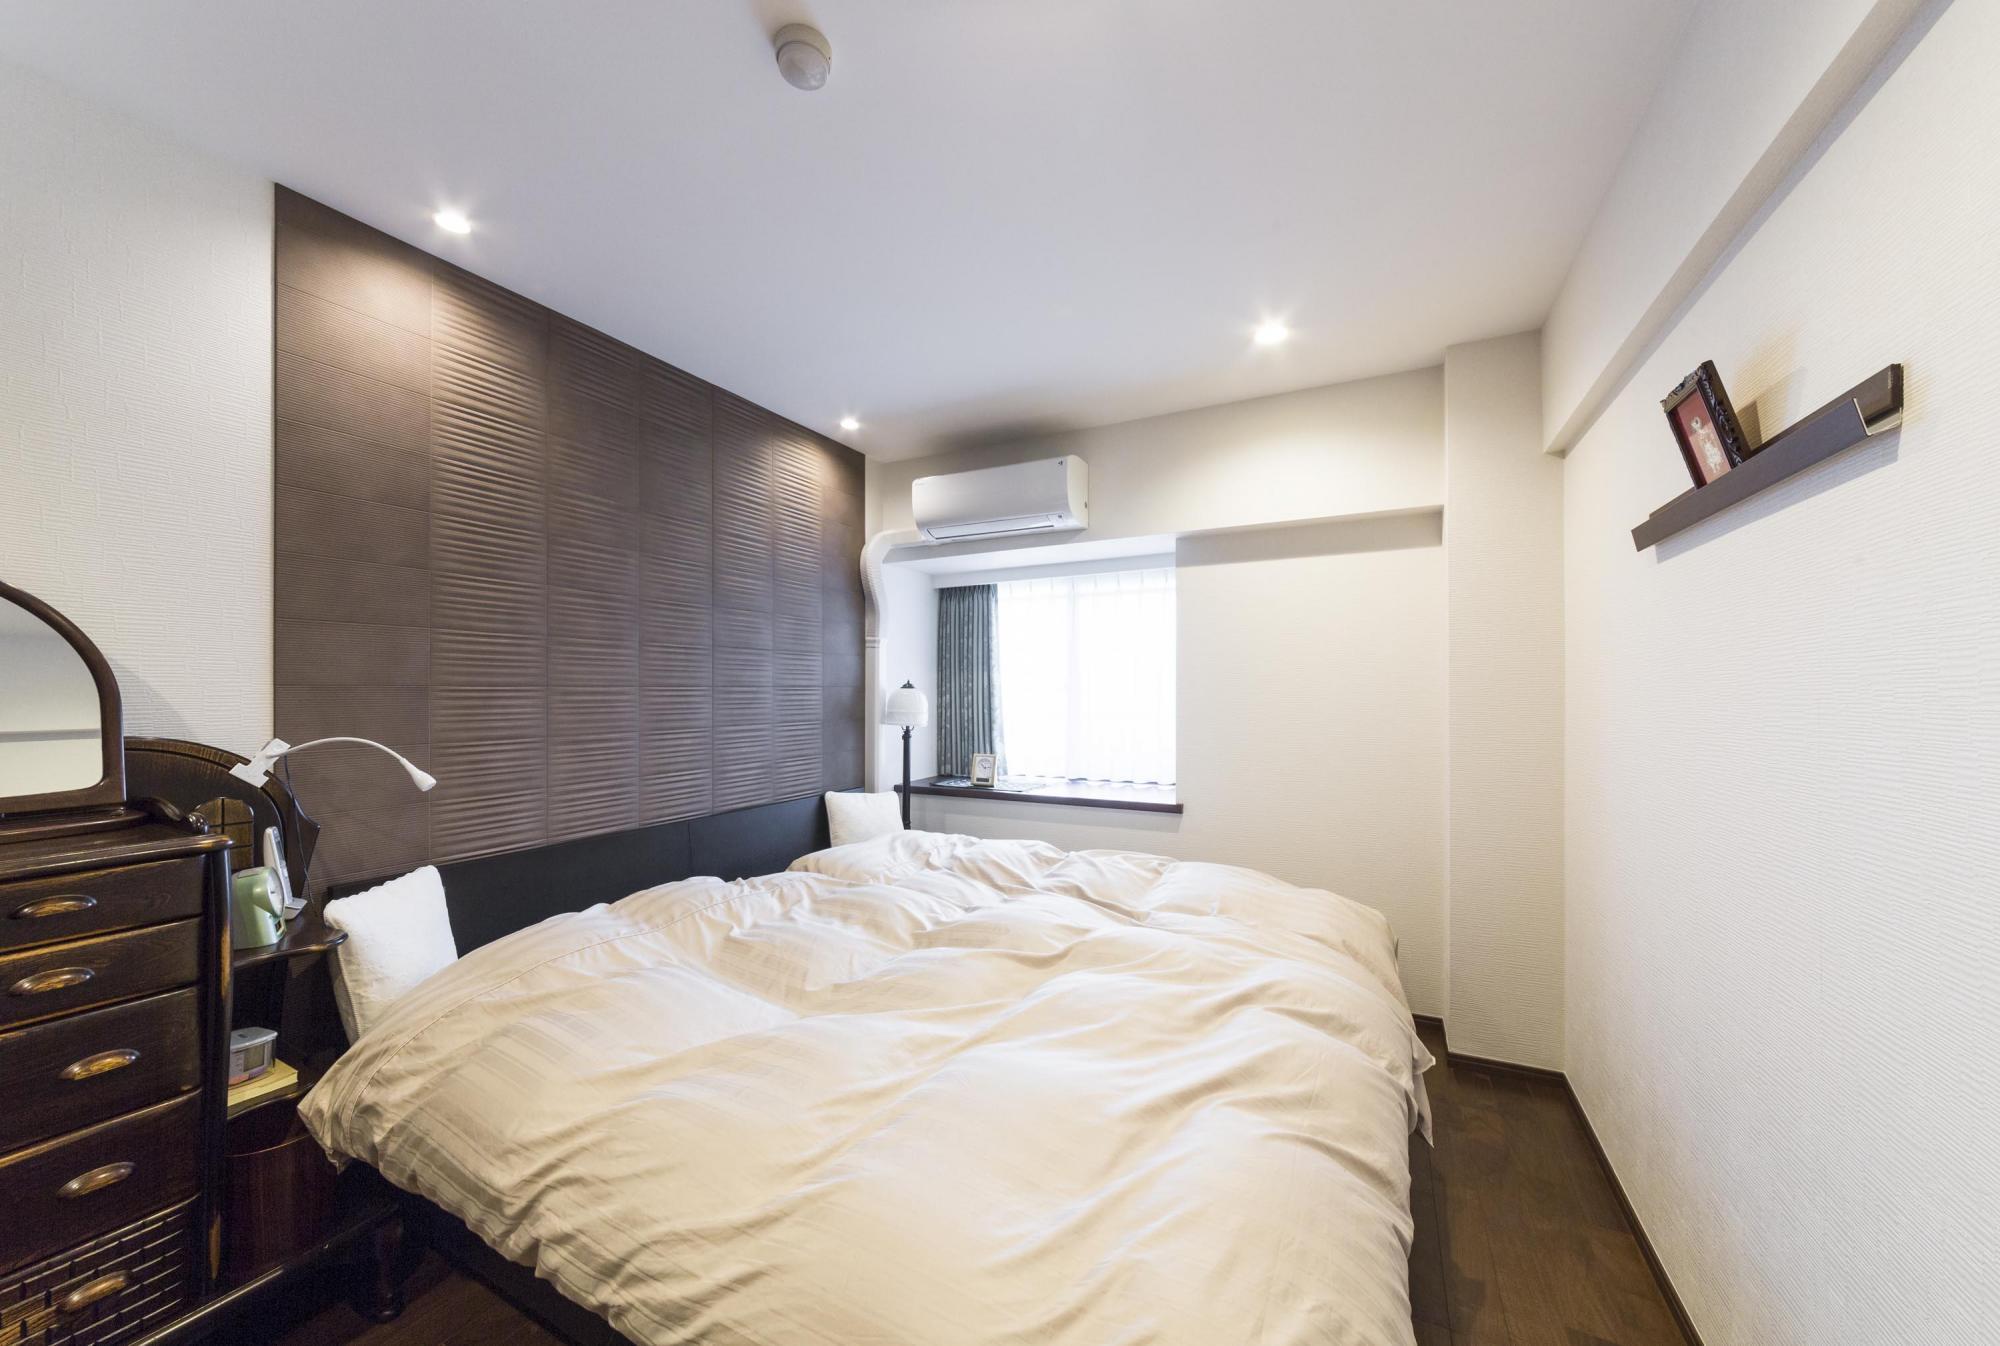 従来の和室のスペースを使って広くした寝室。エコカラットを大胆に使い、ダウンライトで質感を強調した。